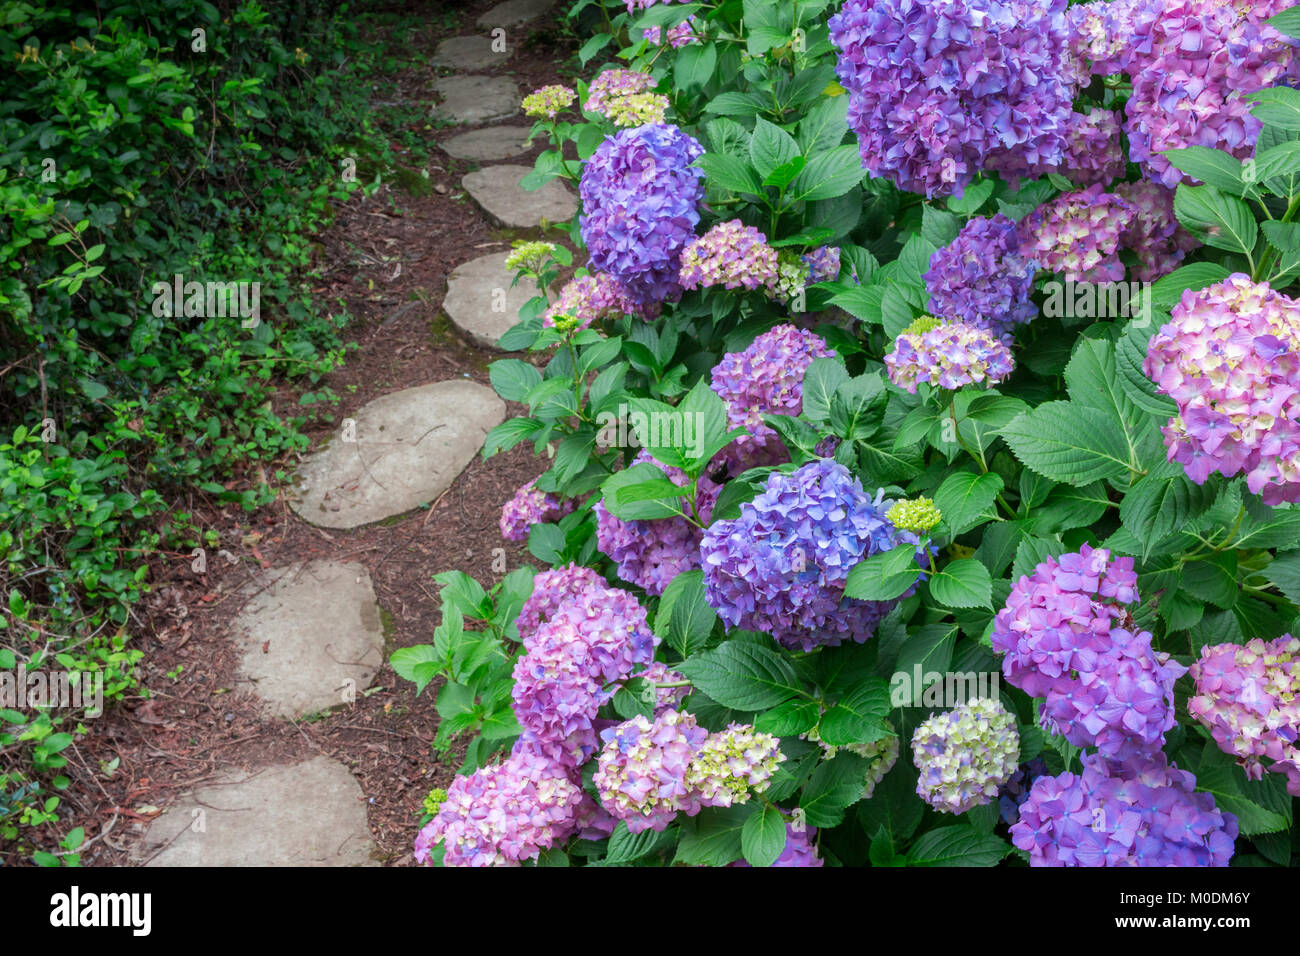 garden path with hydrangea stockfotos garden path with hydrangea bilder alamy. Black Bedroom Furniture Sets. Home Design Ideas